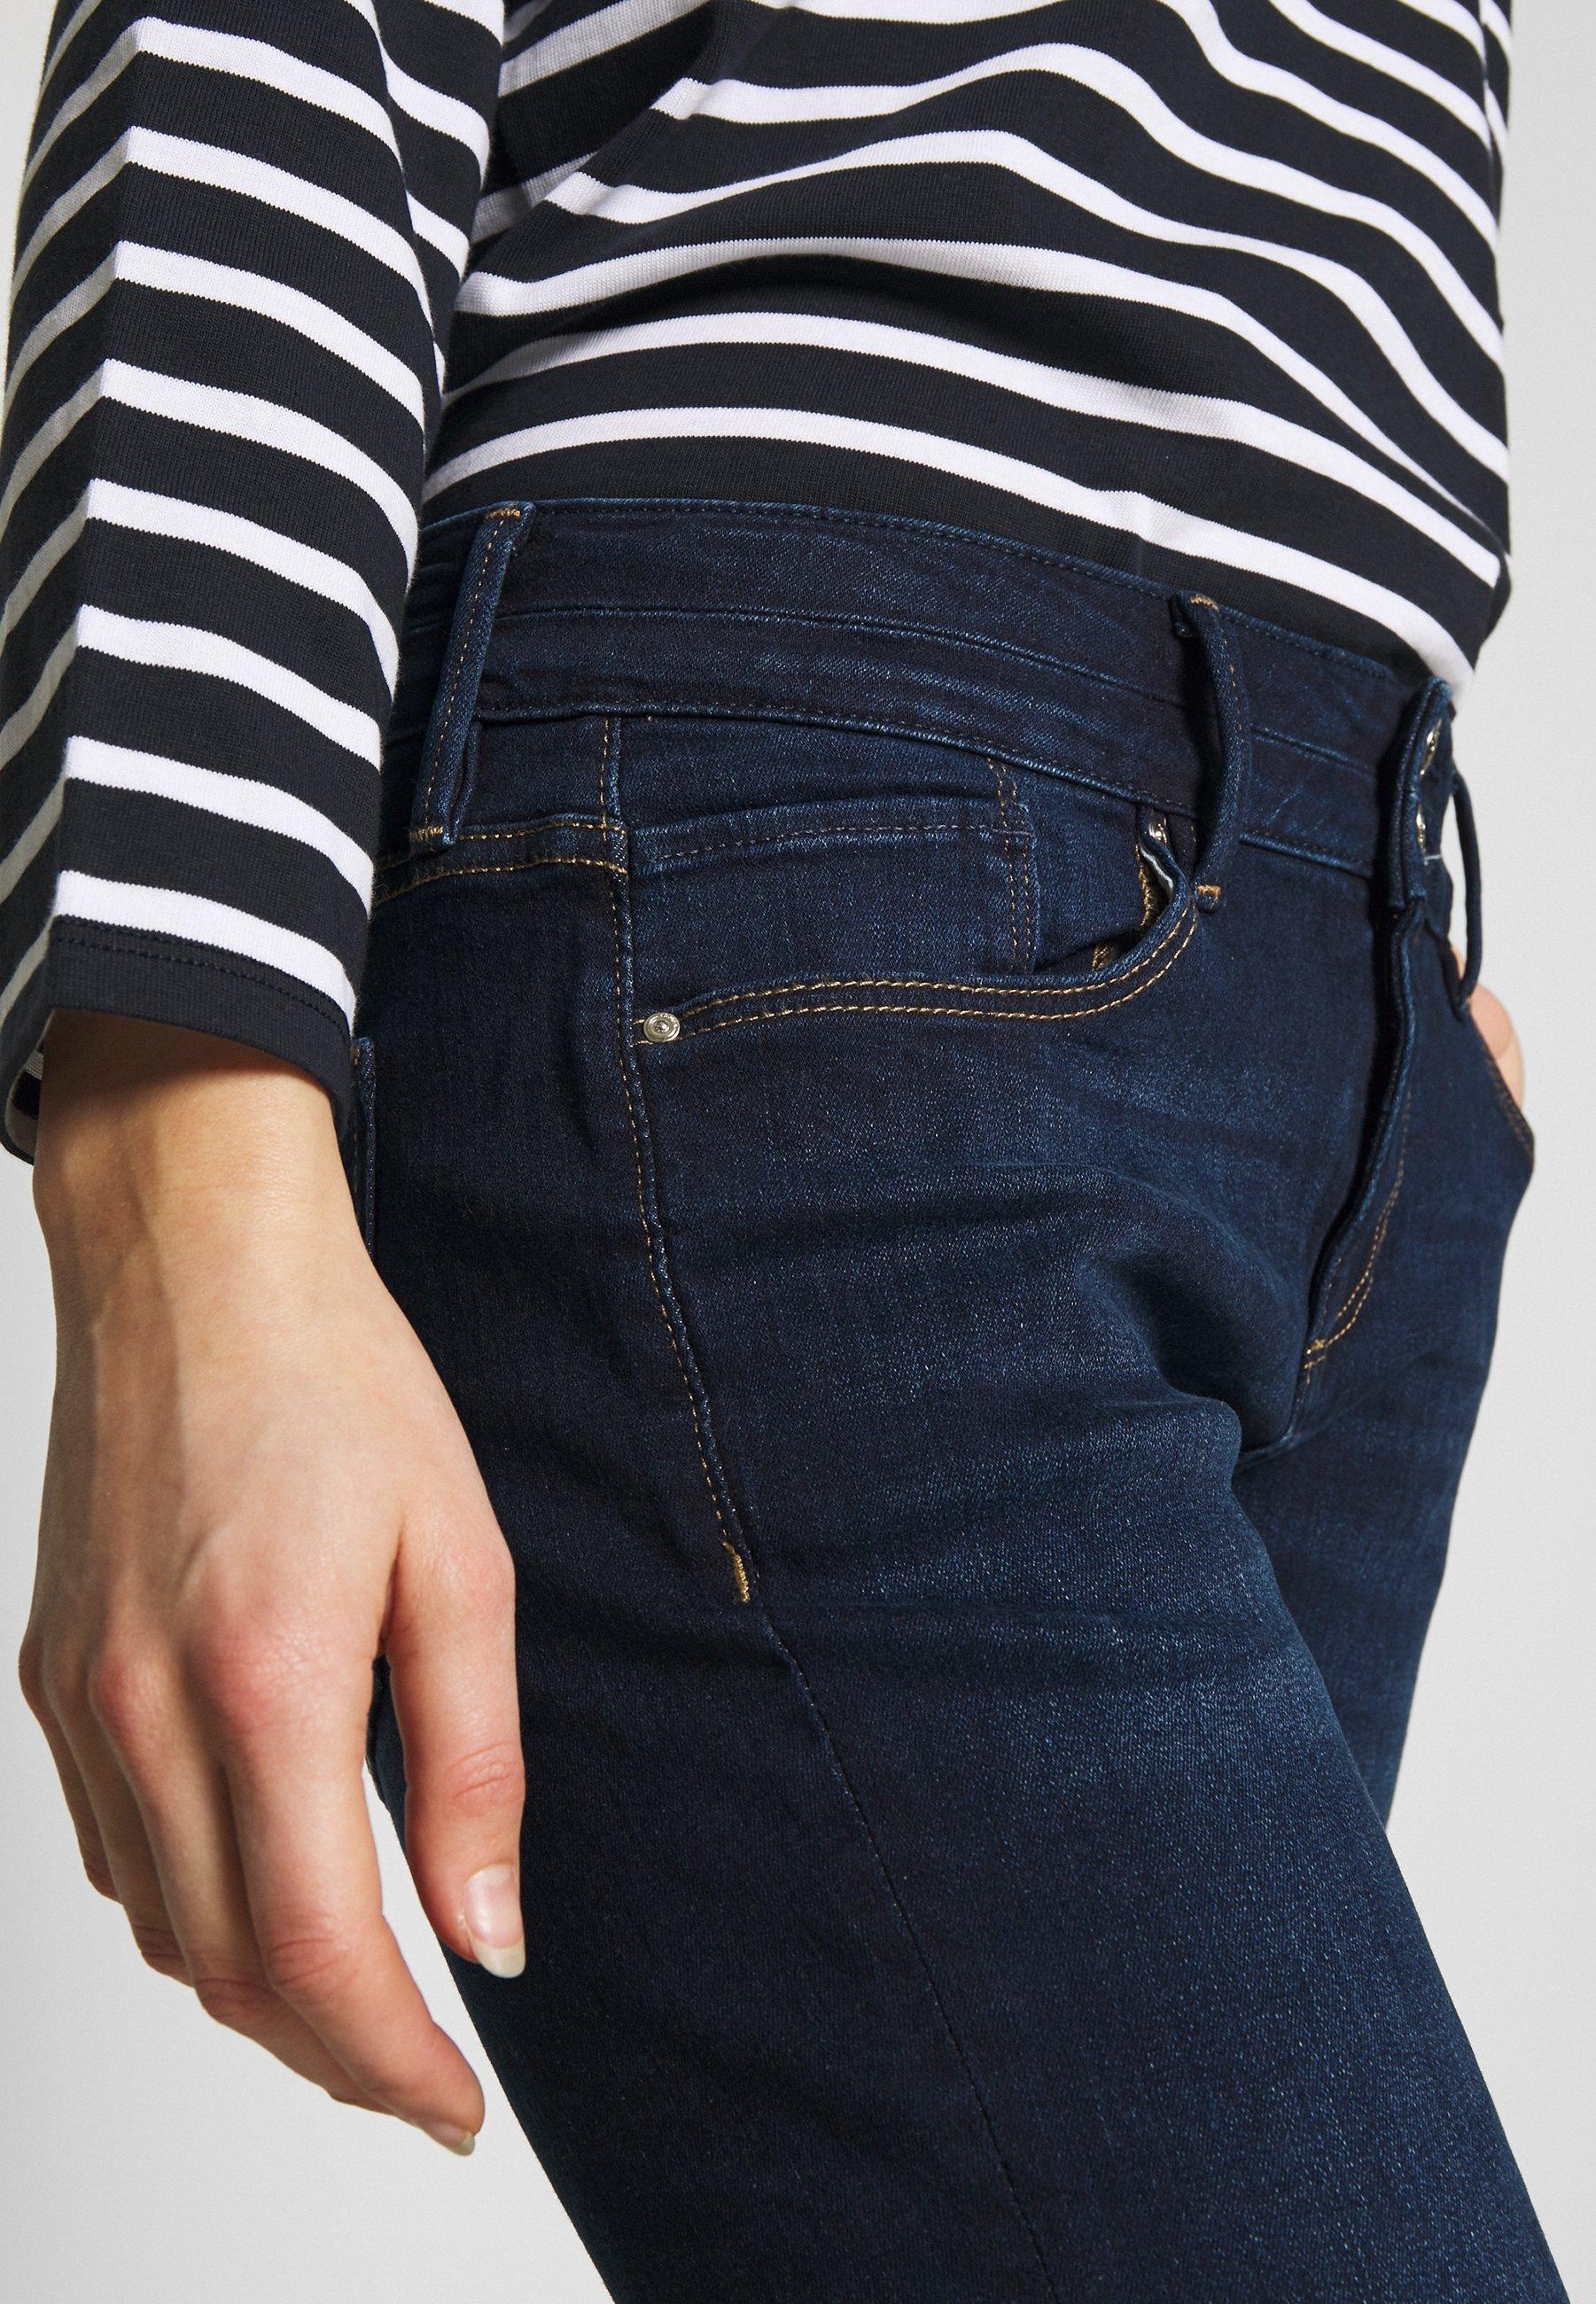 S.oliver Bootcut Jeans - Eclipse Blue Denim UK